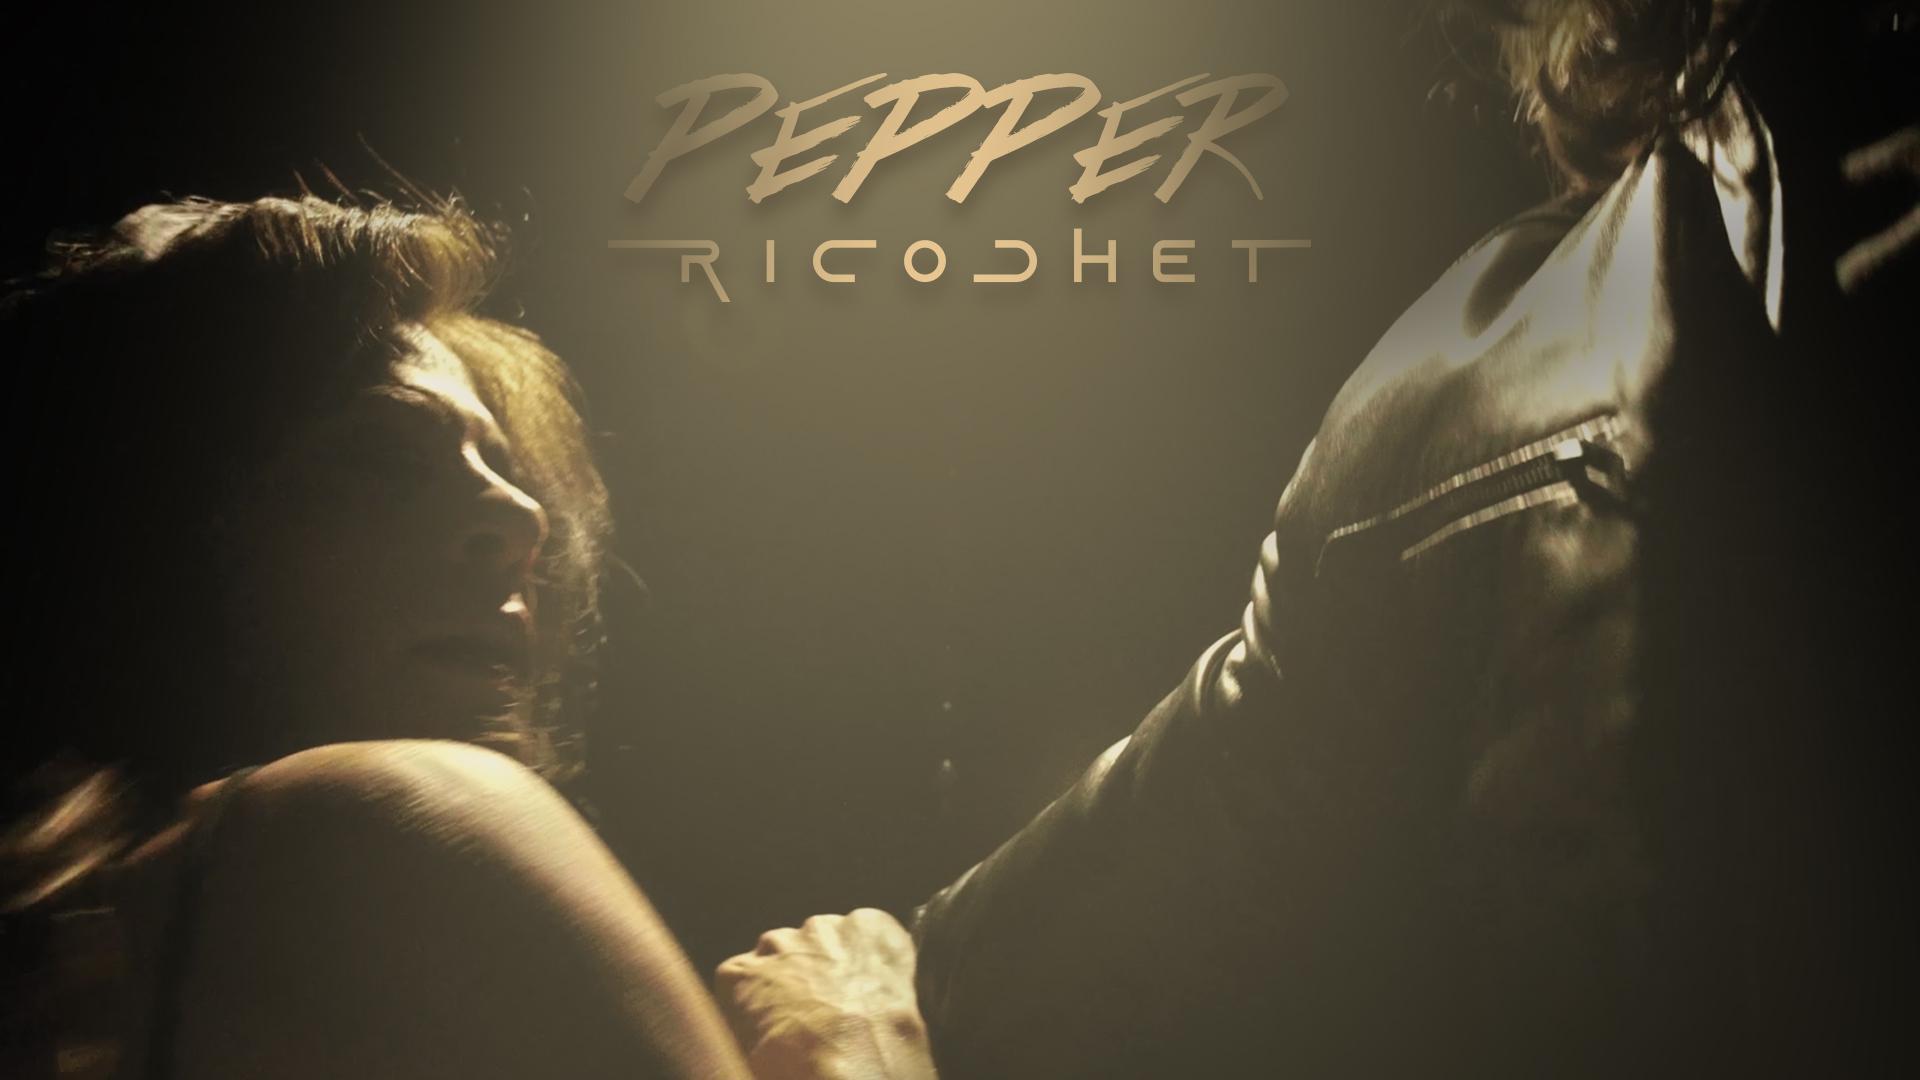 Pepper: Ricochet